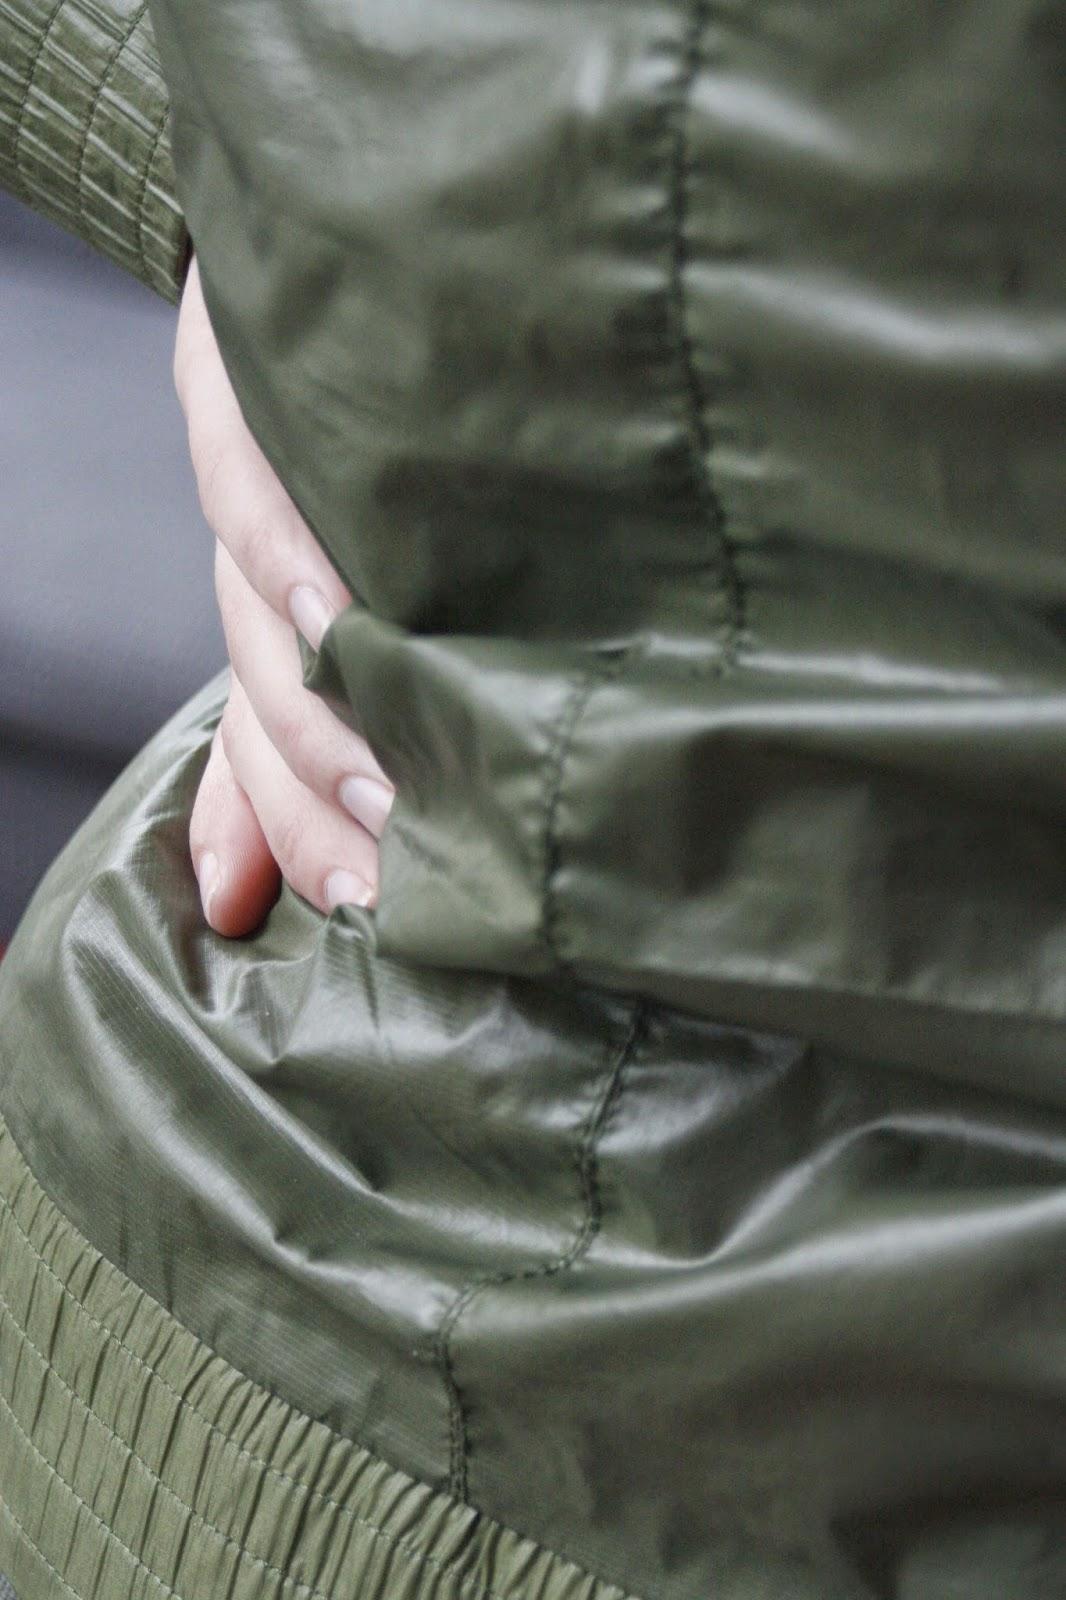 R' hand on her waist